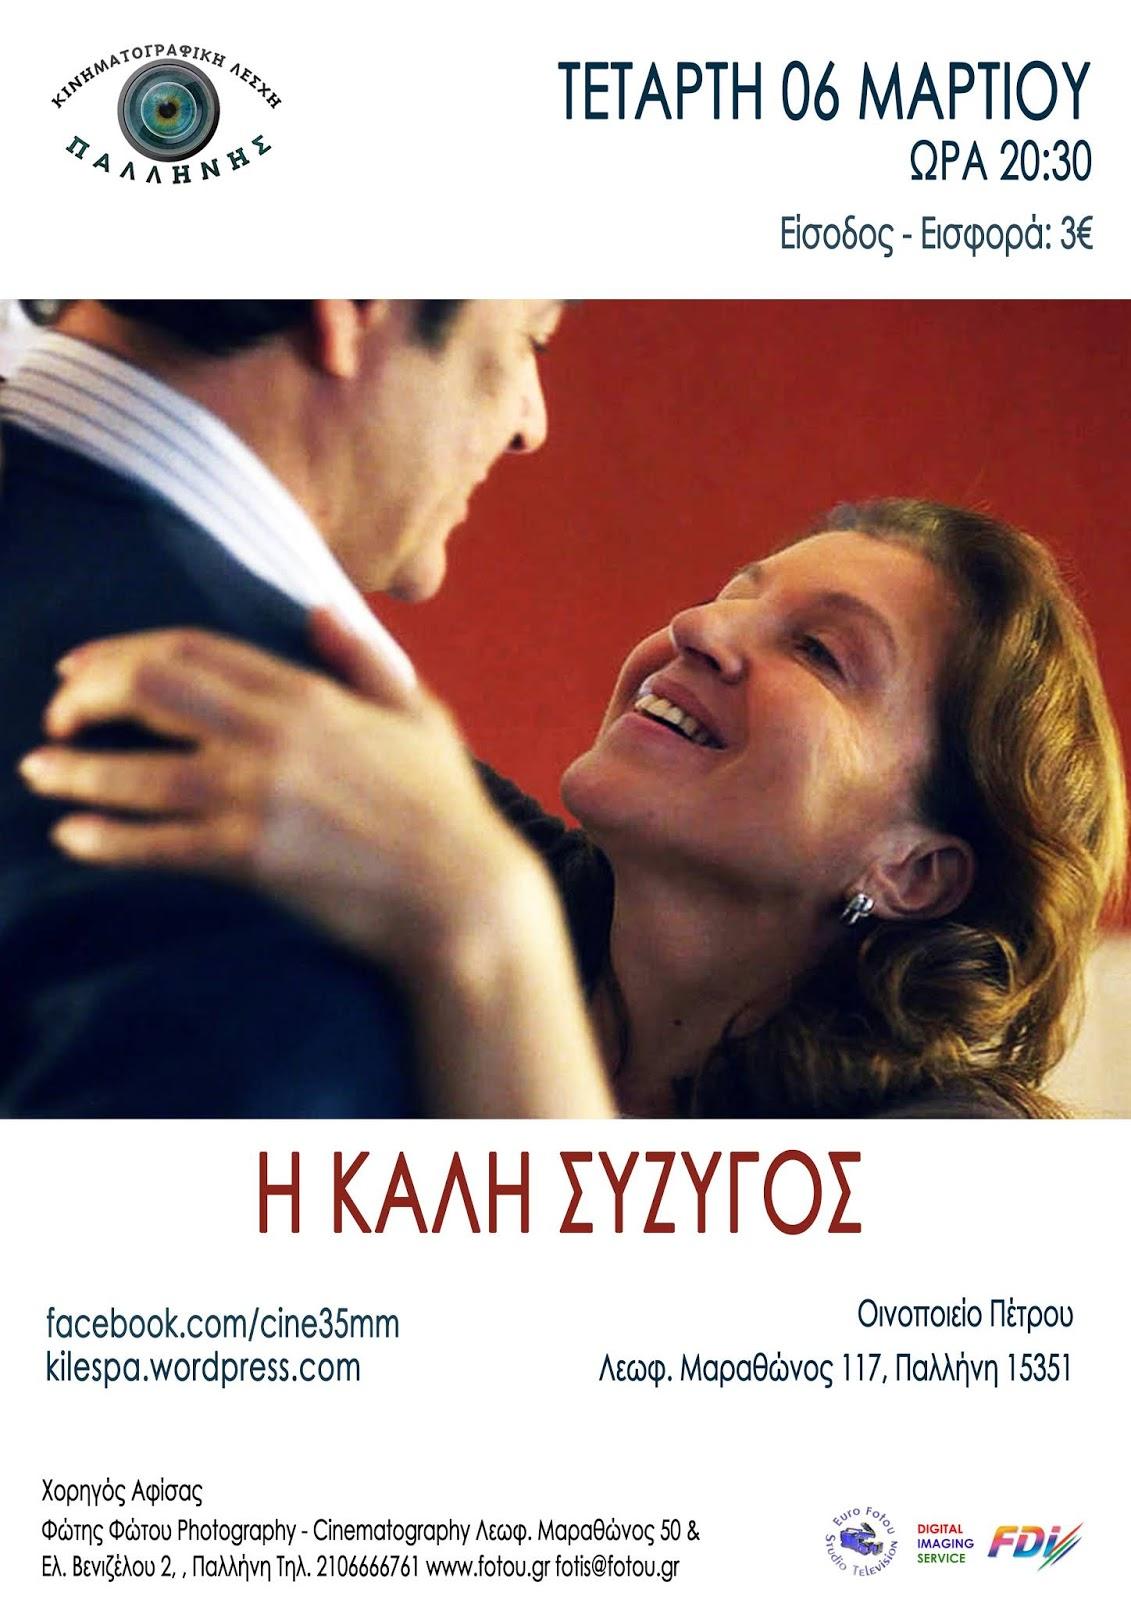 6914d2a3fdd Καλή Σύζυγος (Dobra Zena), στην Κινηματογραφική Λέσχη Παλλήνης